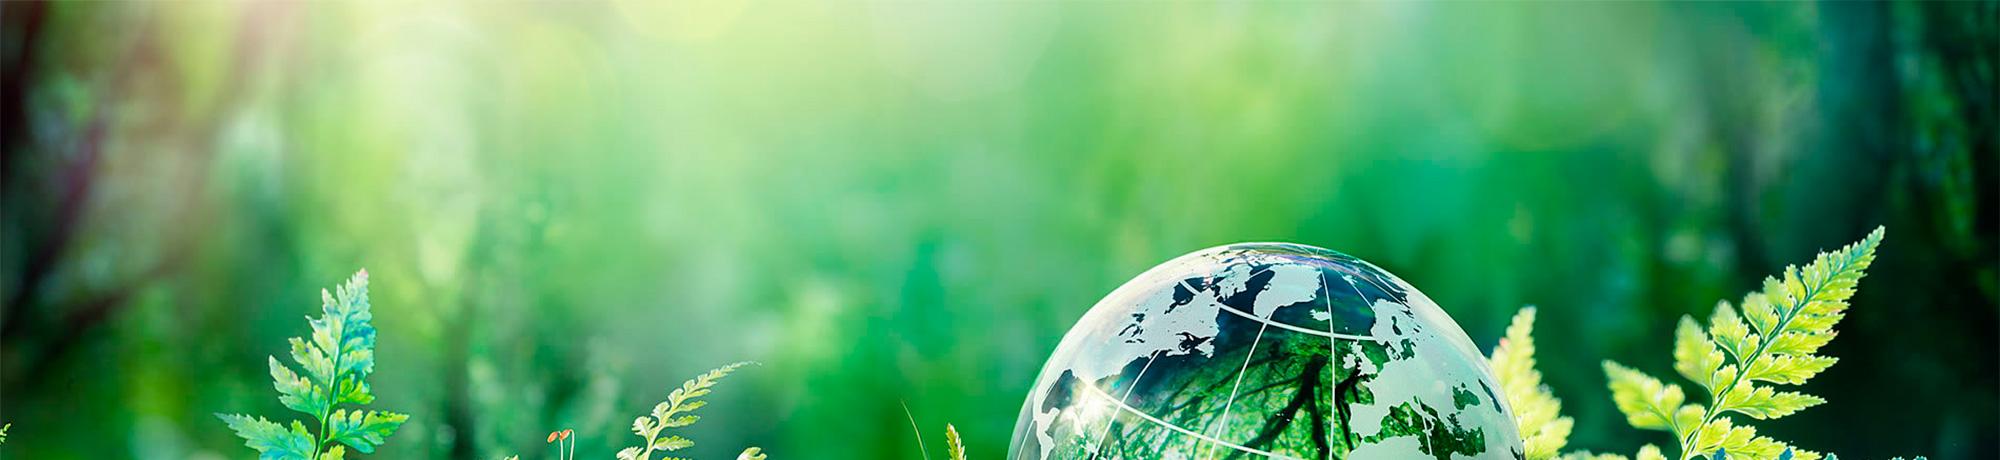 Екологія та охорона навколишнього середовища - 1